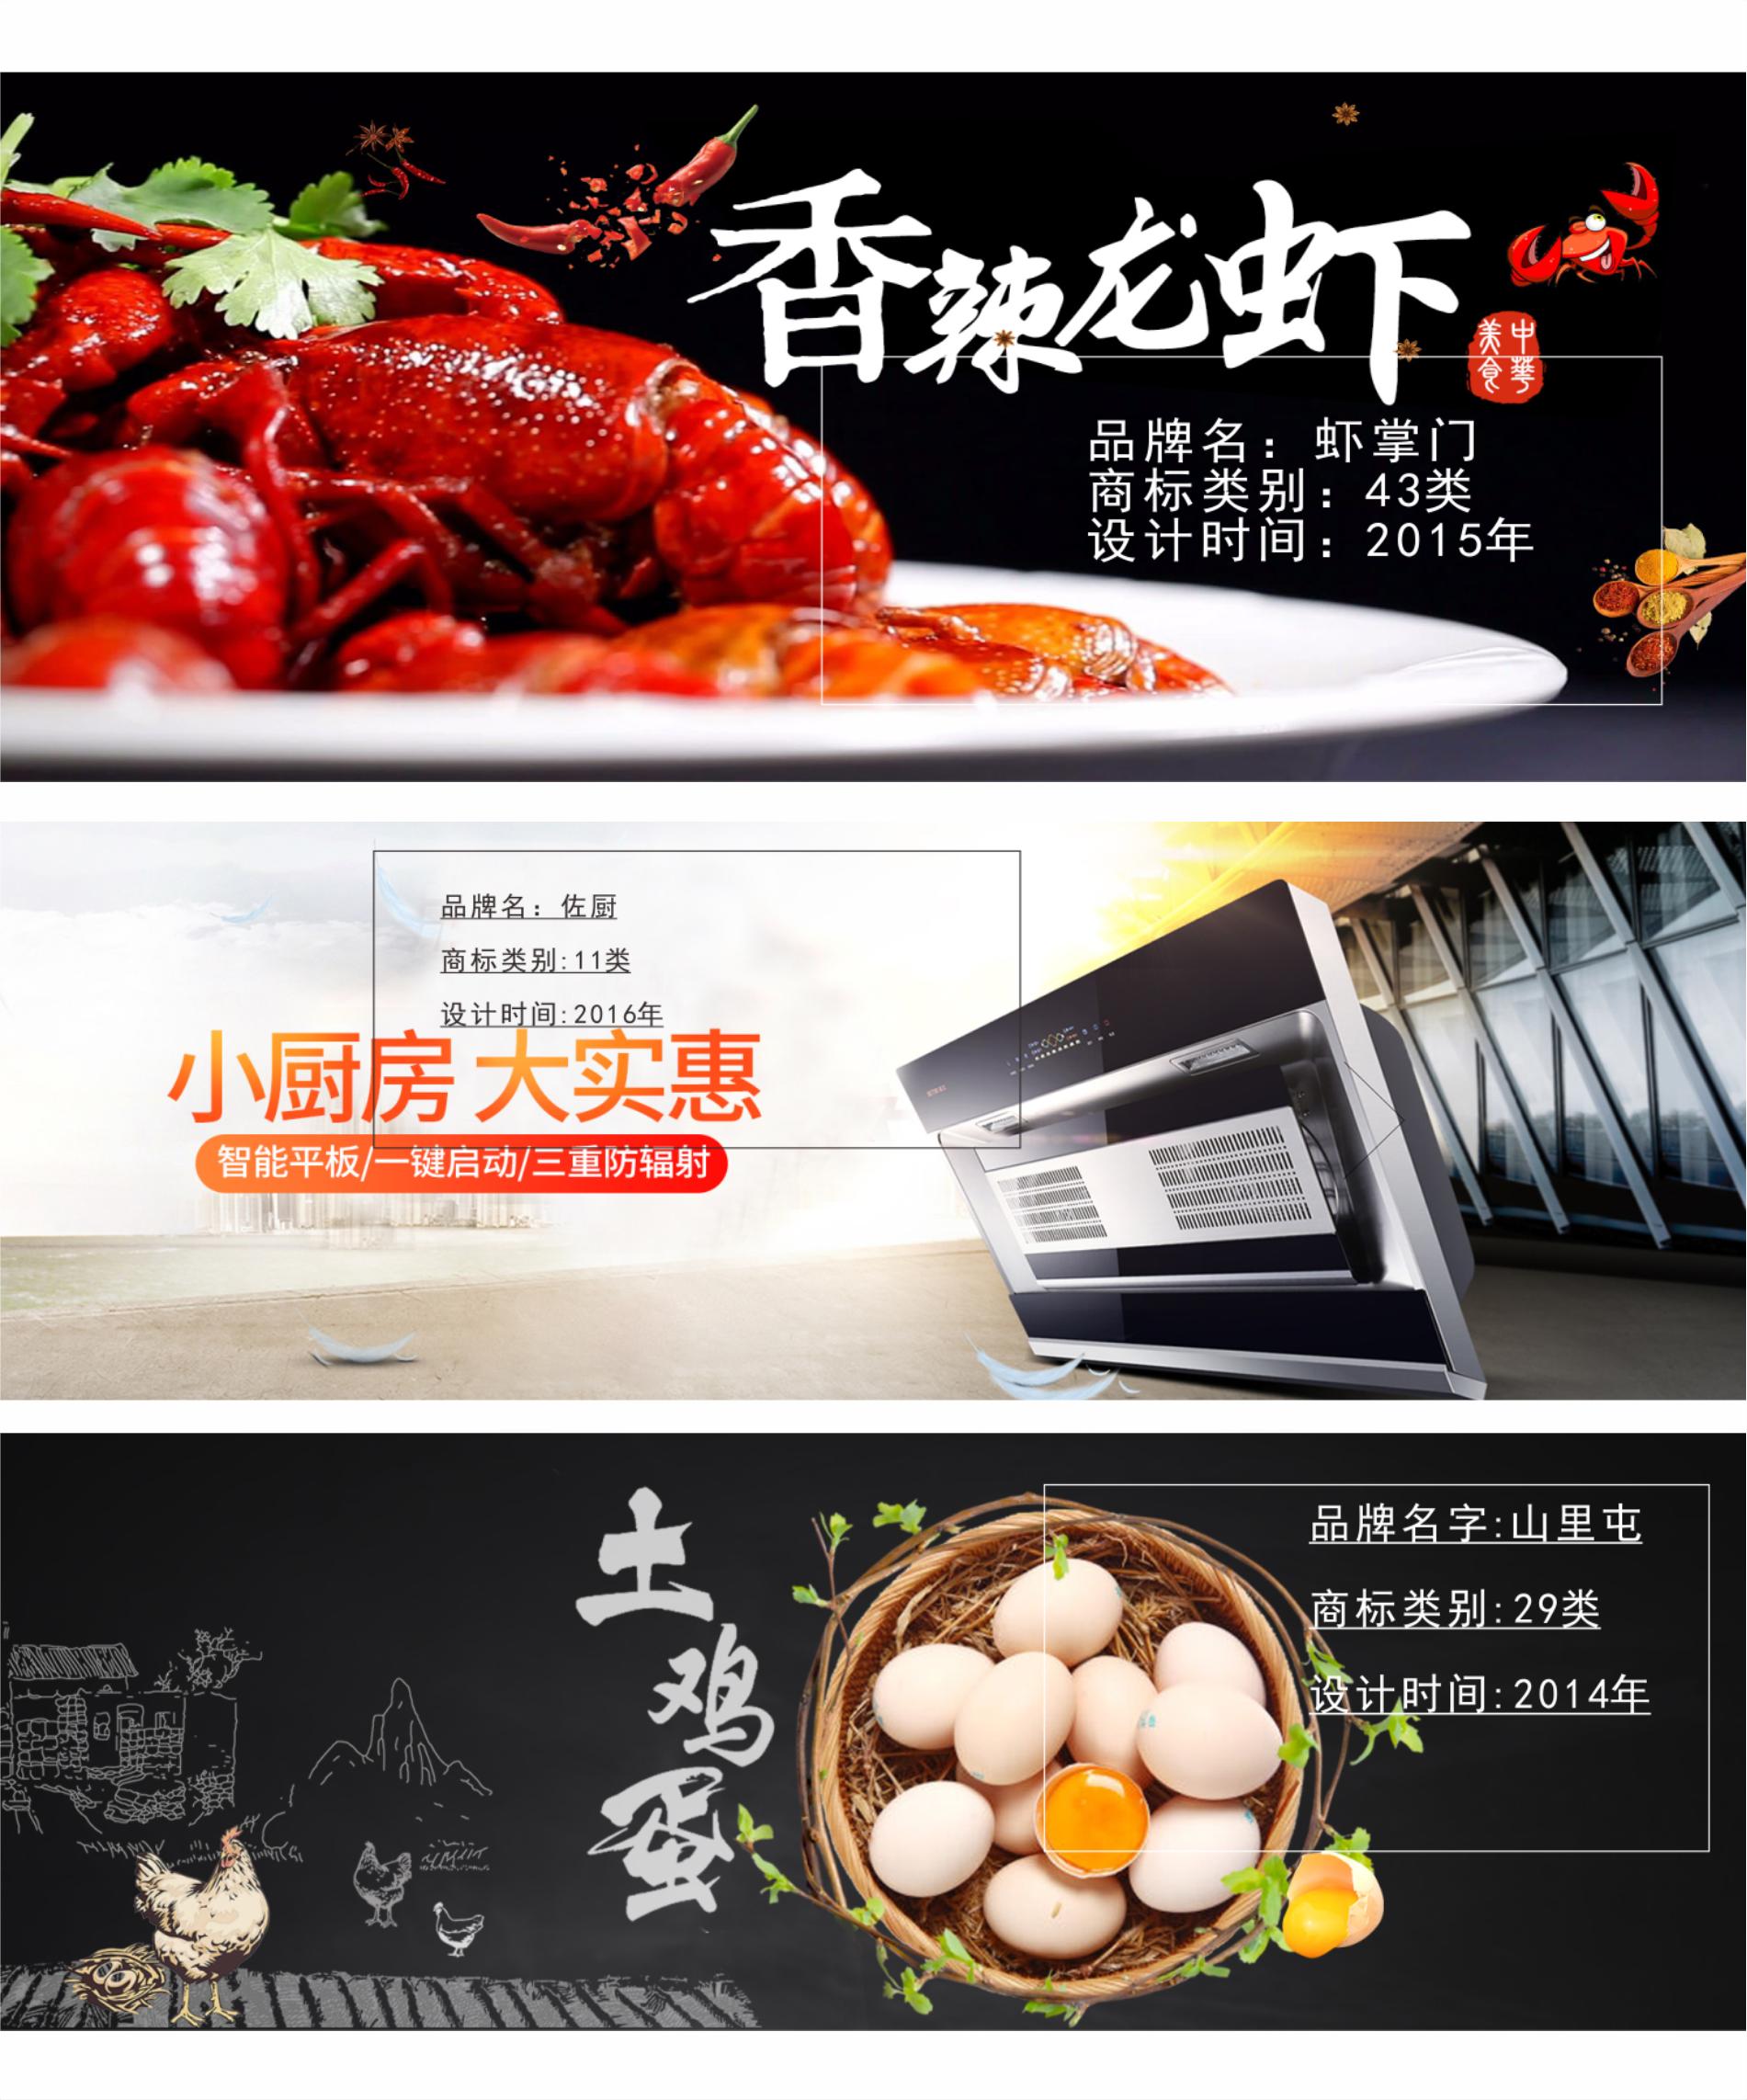 _起名取名品牌商标店铺公司建材APP保健品零食奶茶家具起名字29